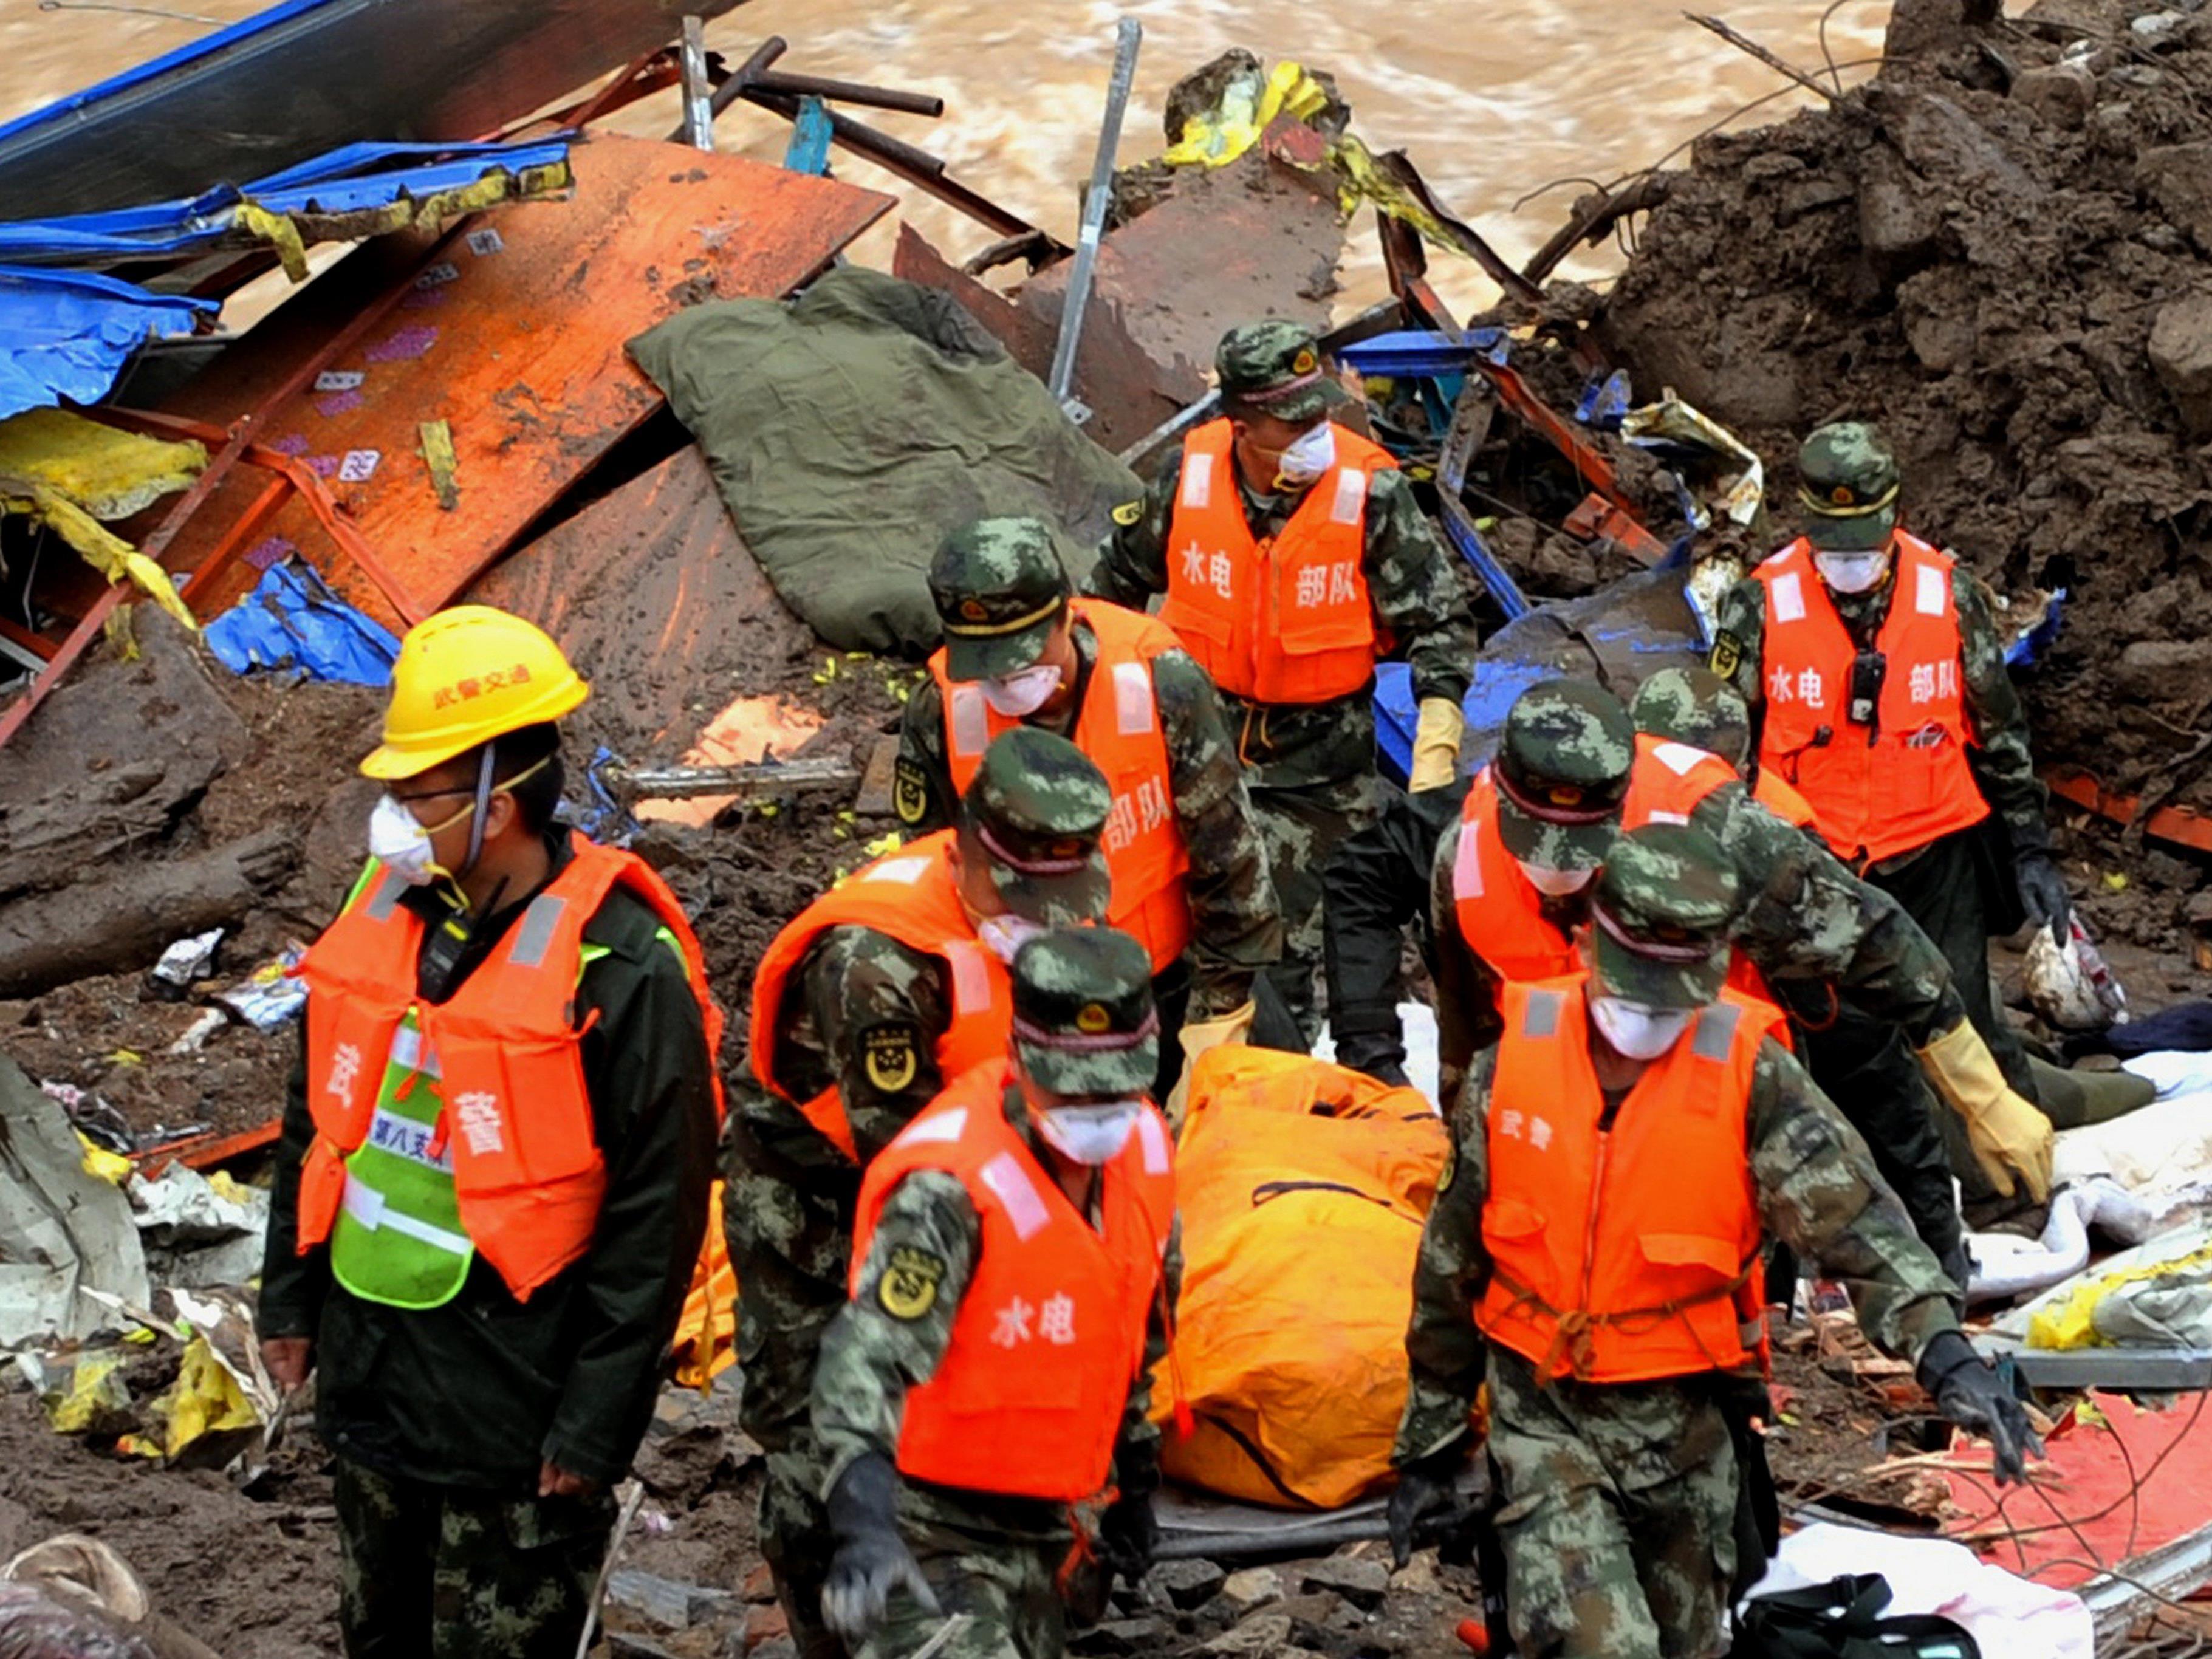 Nach dem Erdrutsch in Südchina ist die Zahl der Toten auf 35 gestiegen.